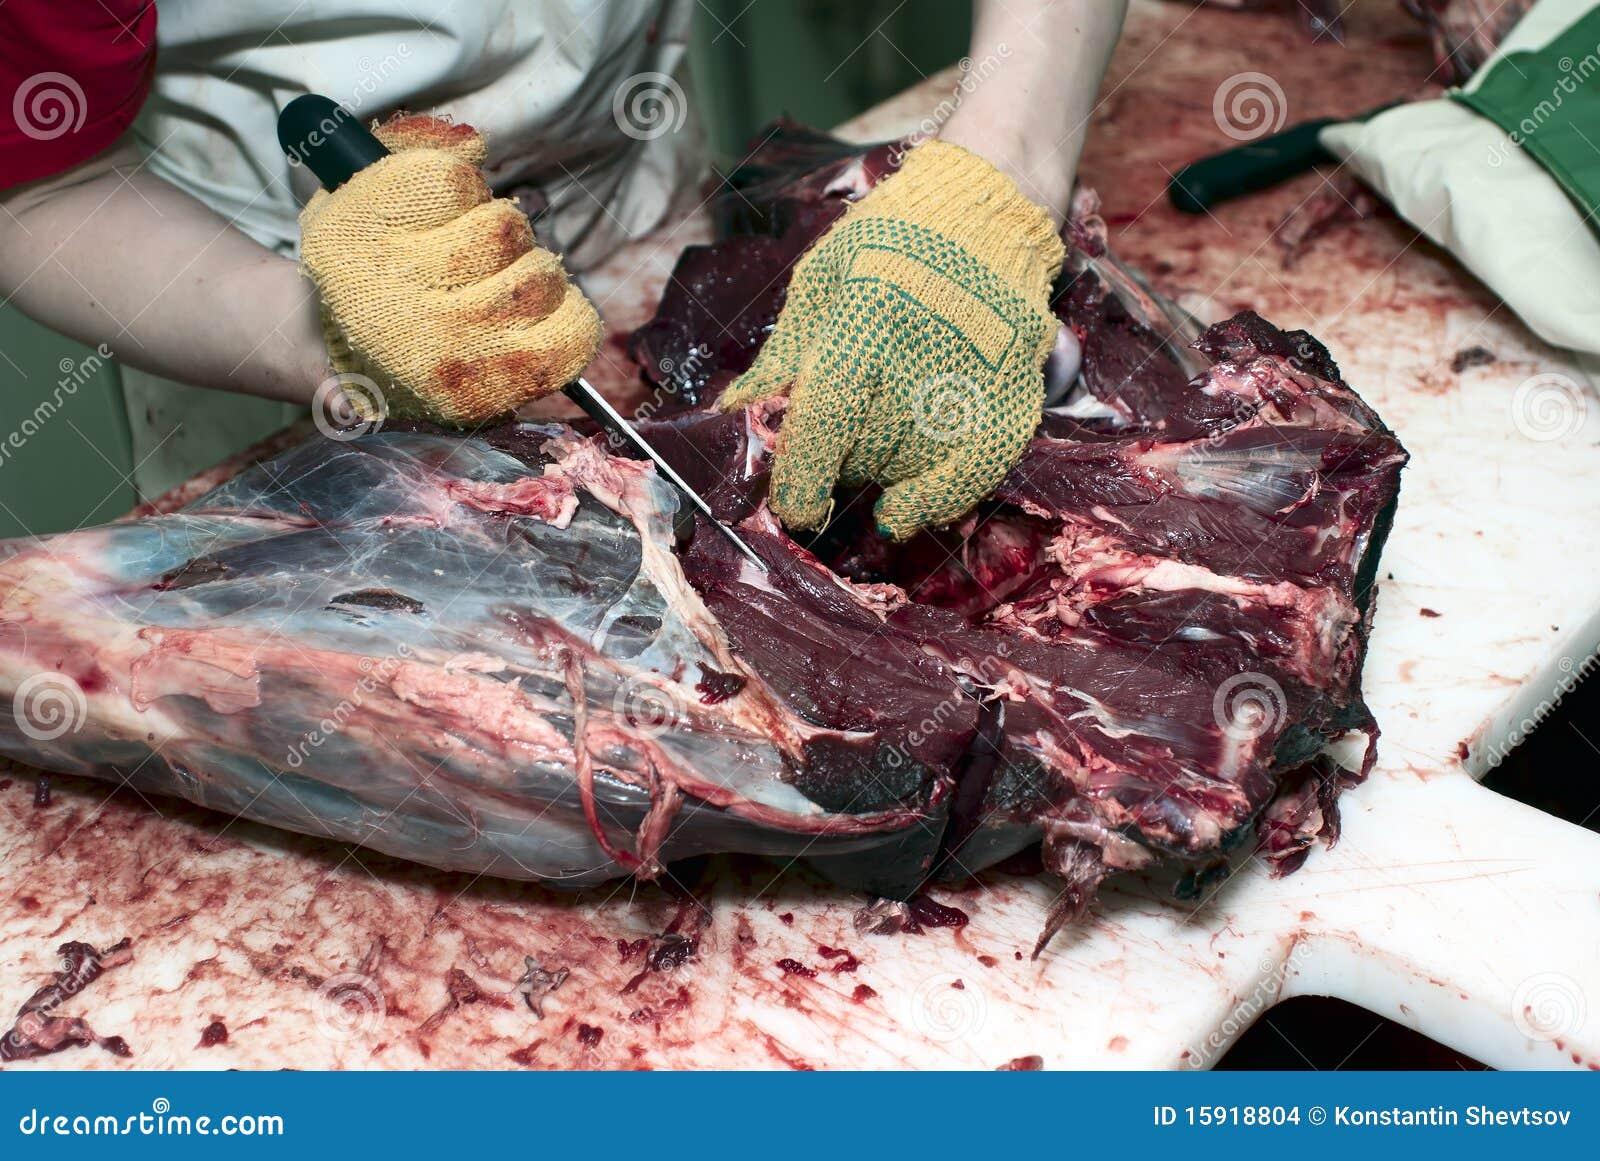 Preparazione della carcassa dei cervi